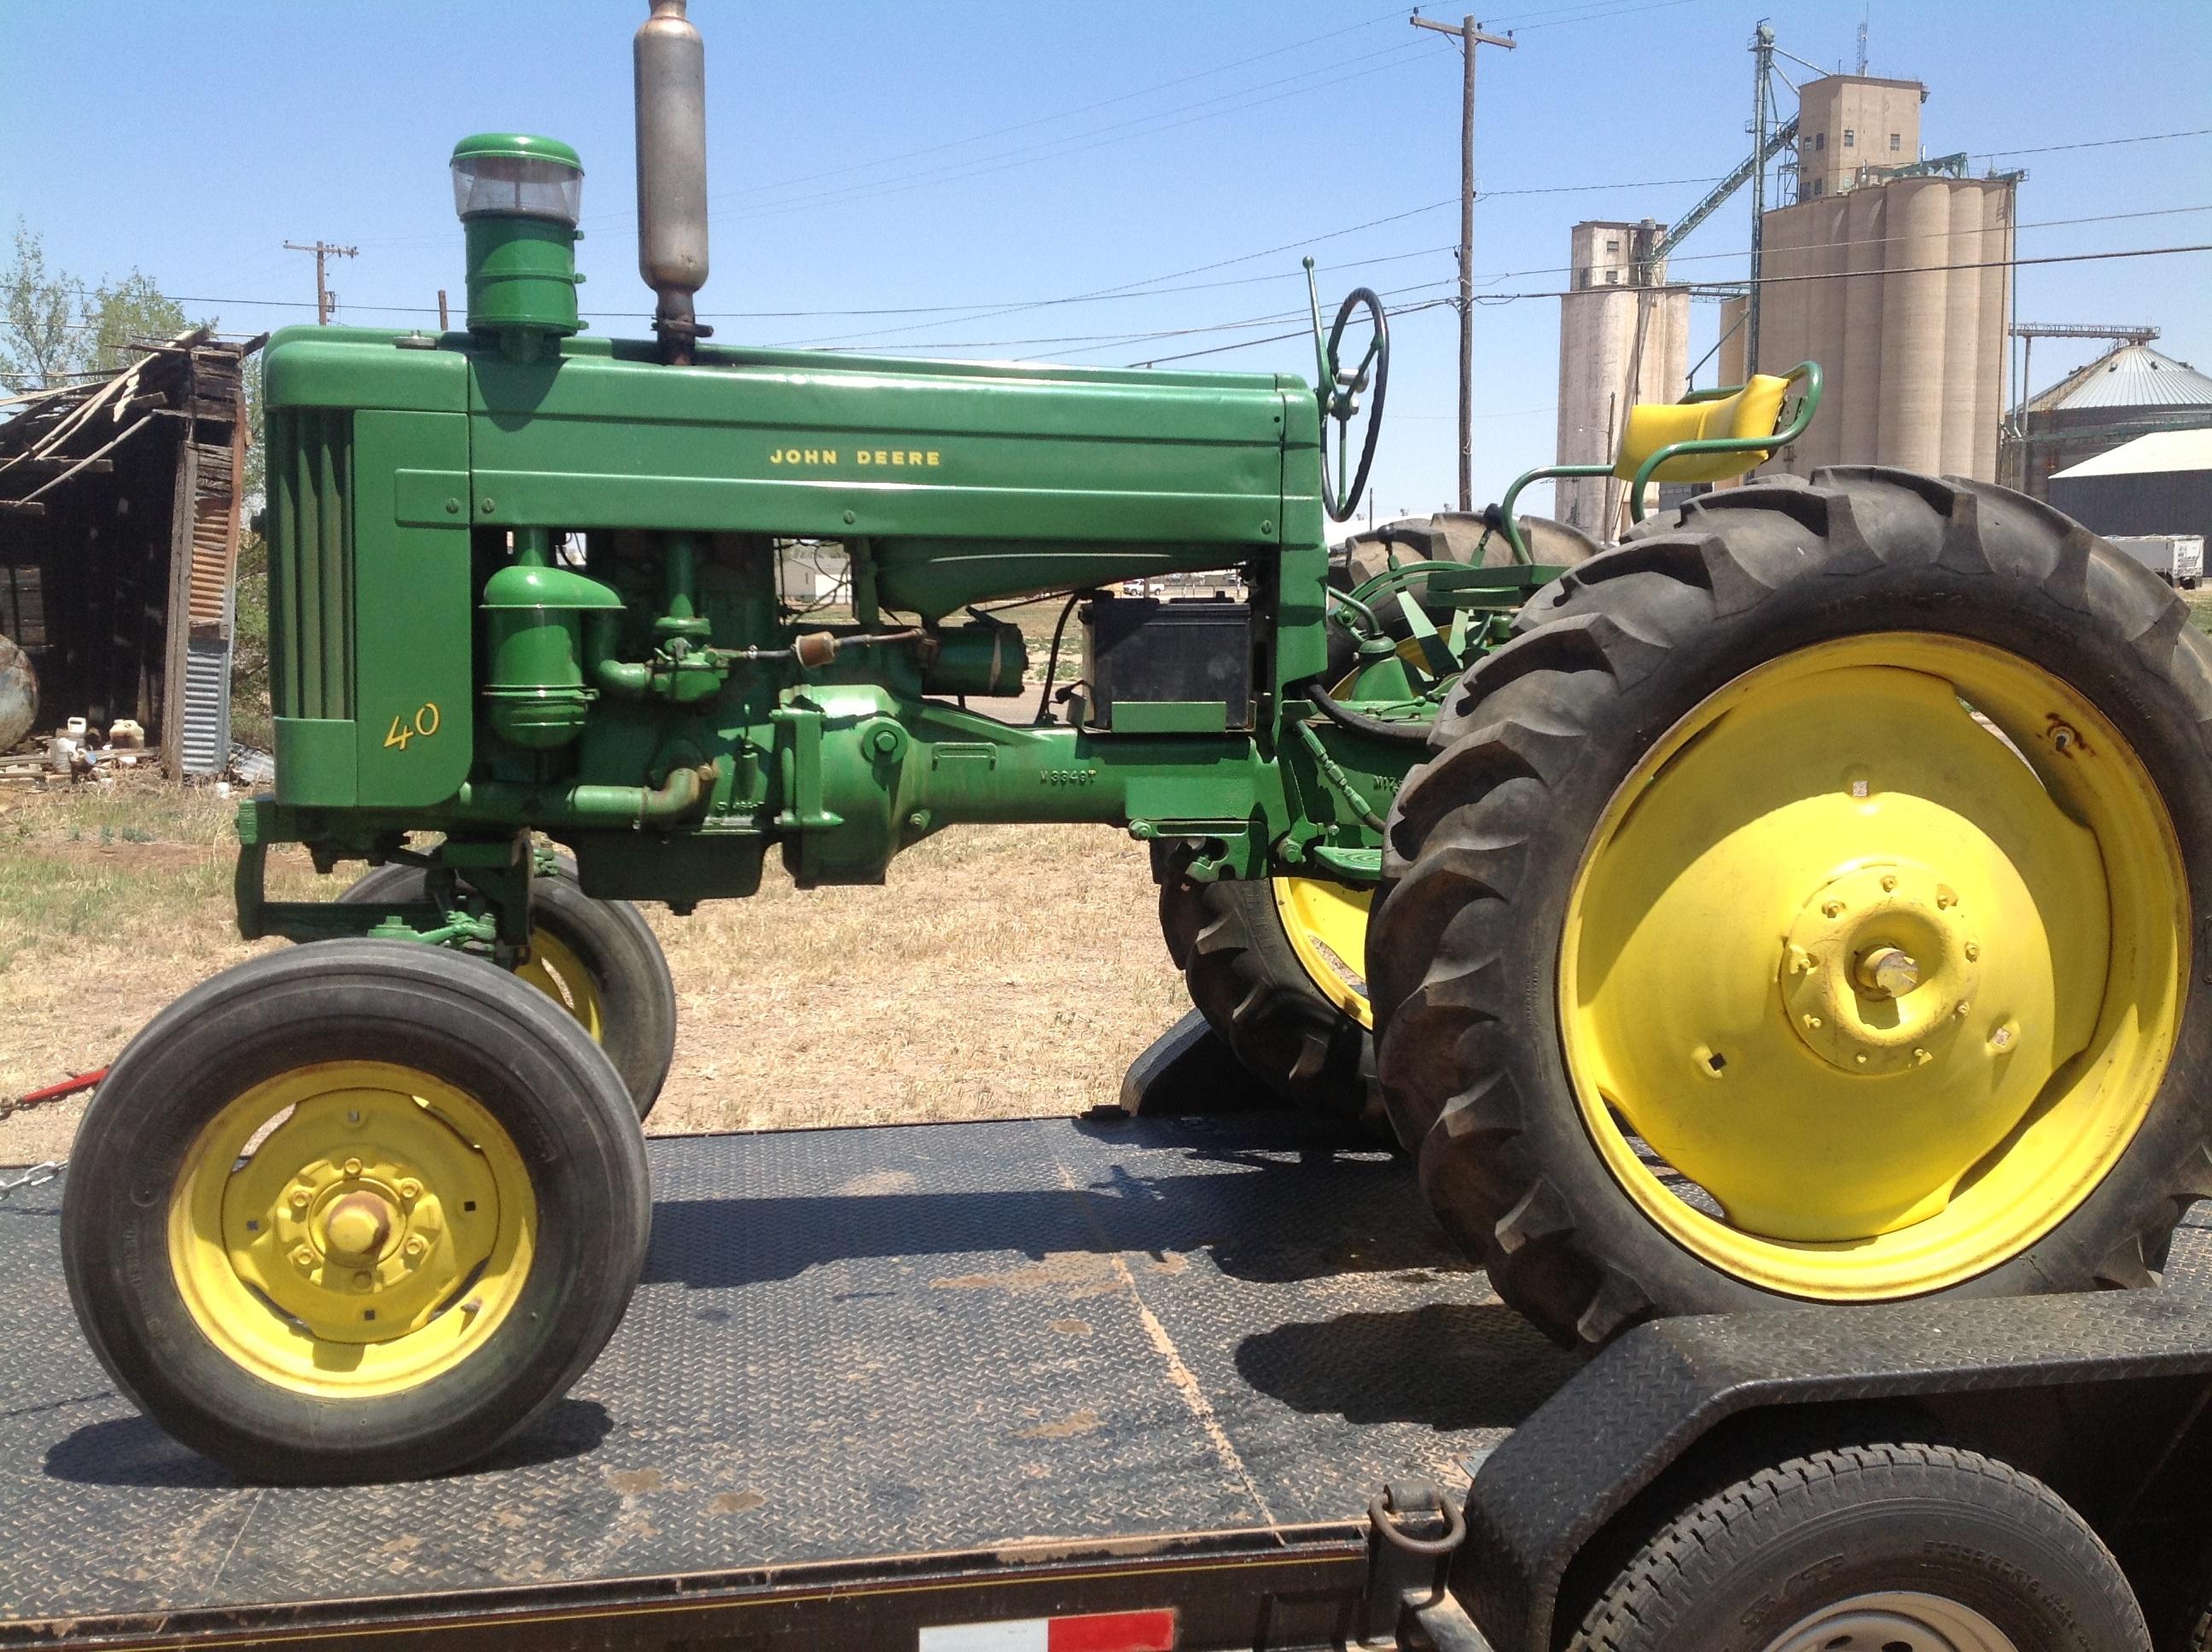 John Deere 40 Parts : John deere huffman troy s tractors